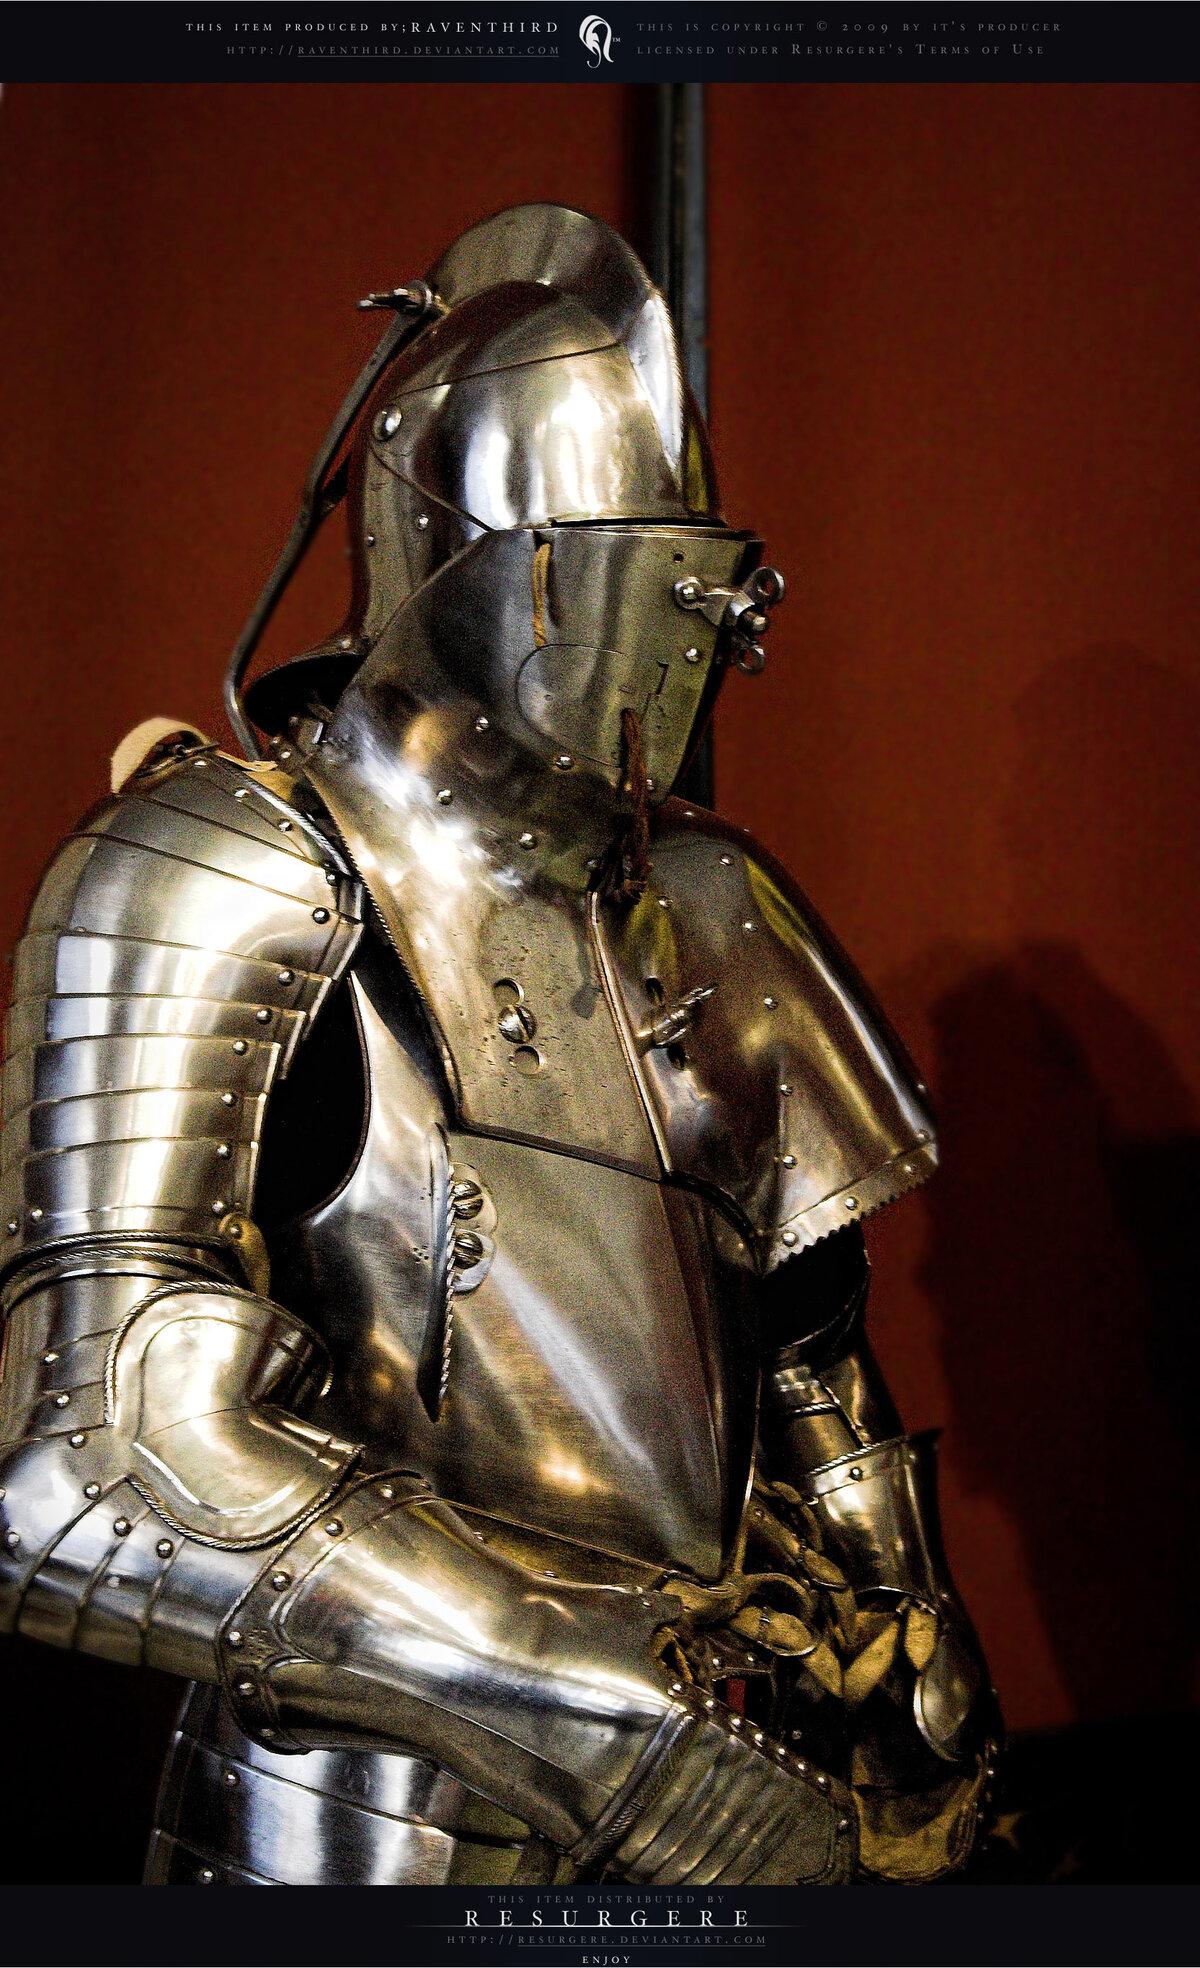 тарасов заявил, доспехи средневекового рыцаря фото важно, чтобы человек